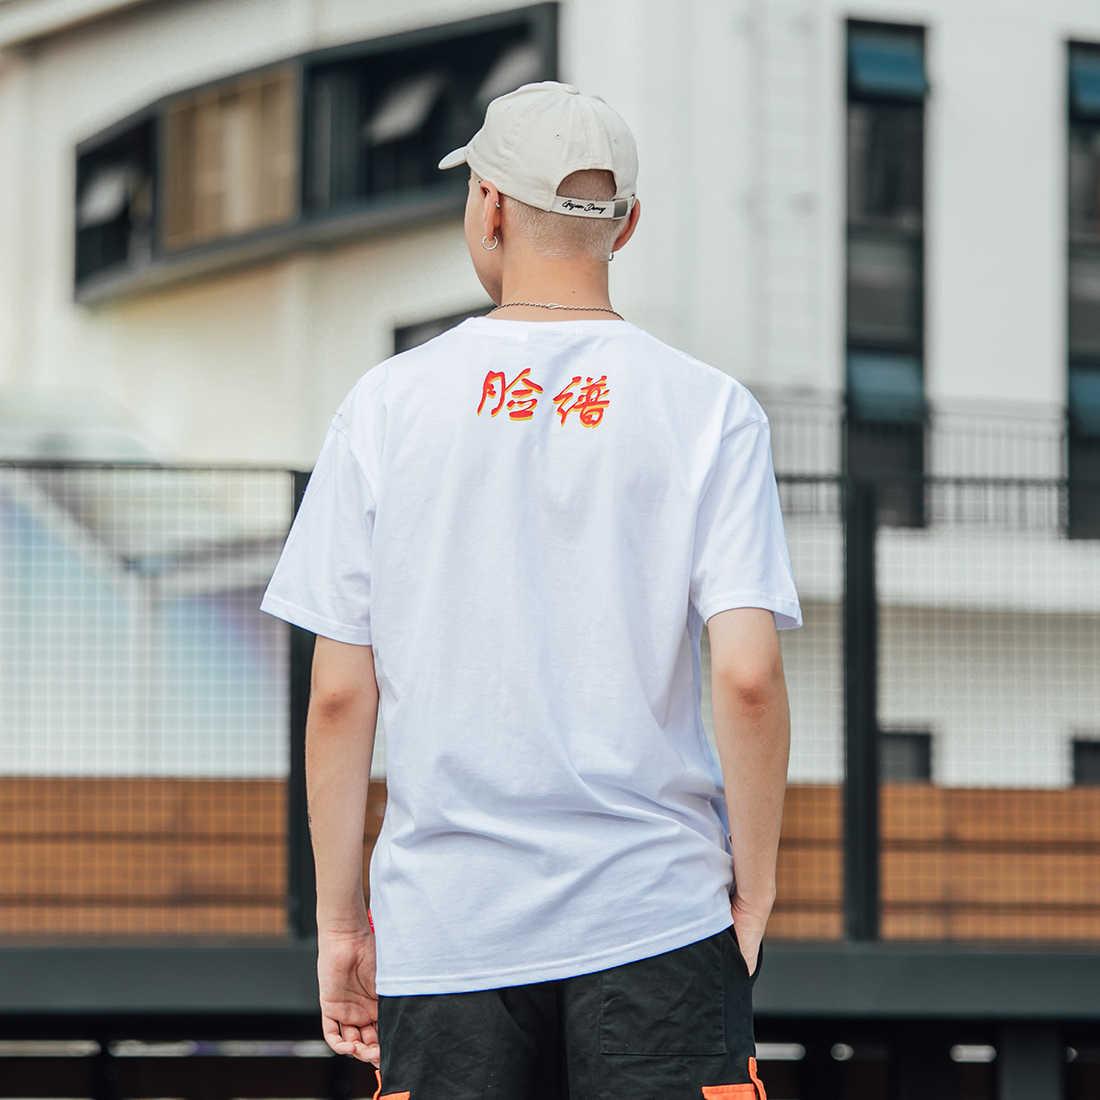 Aelfric Eden 2019 Chinese Stijl Peking Opera Gezichtsmasker Brief Afdrukken T-shirt Mannen Hip Hop Swag Harajuku Streetwear Casual T shirt